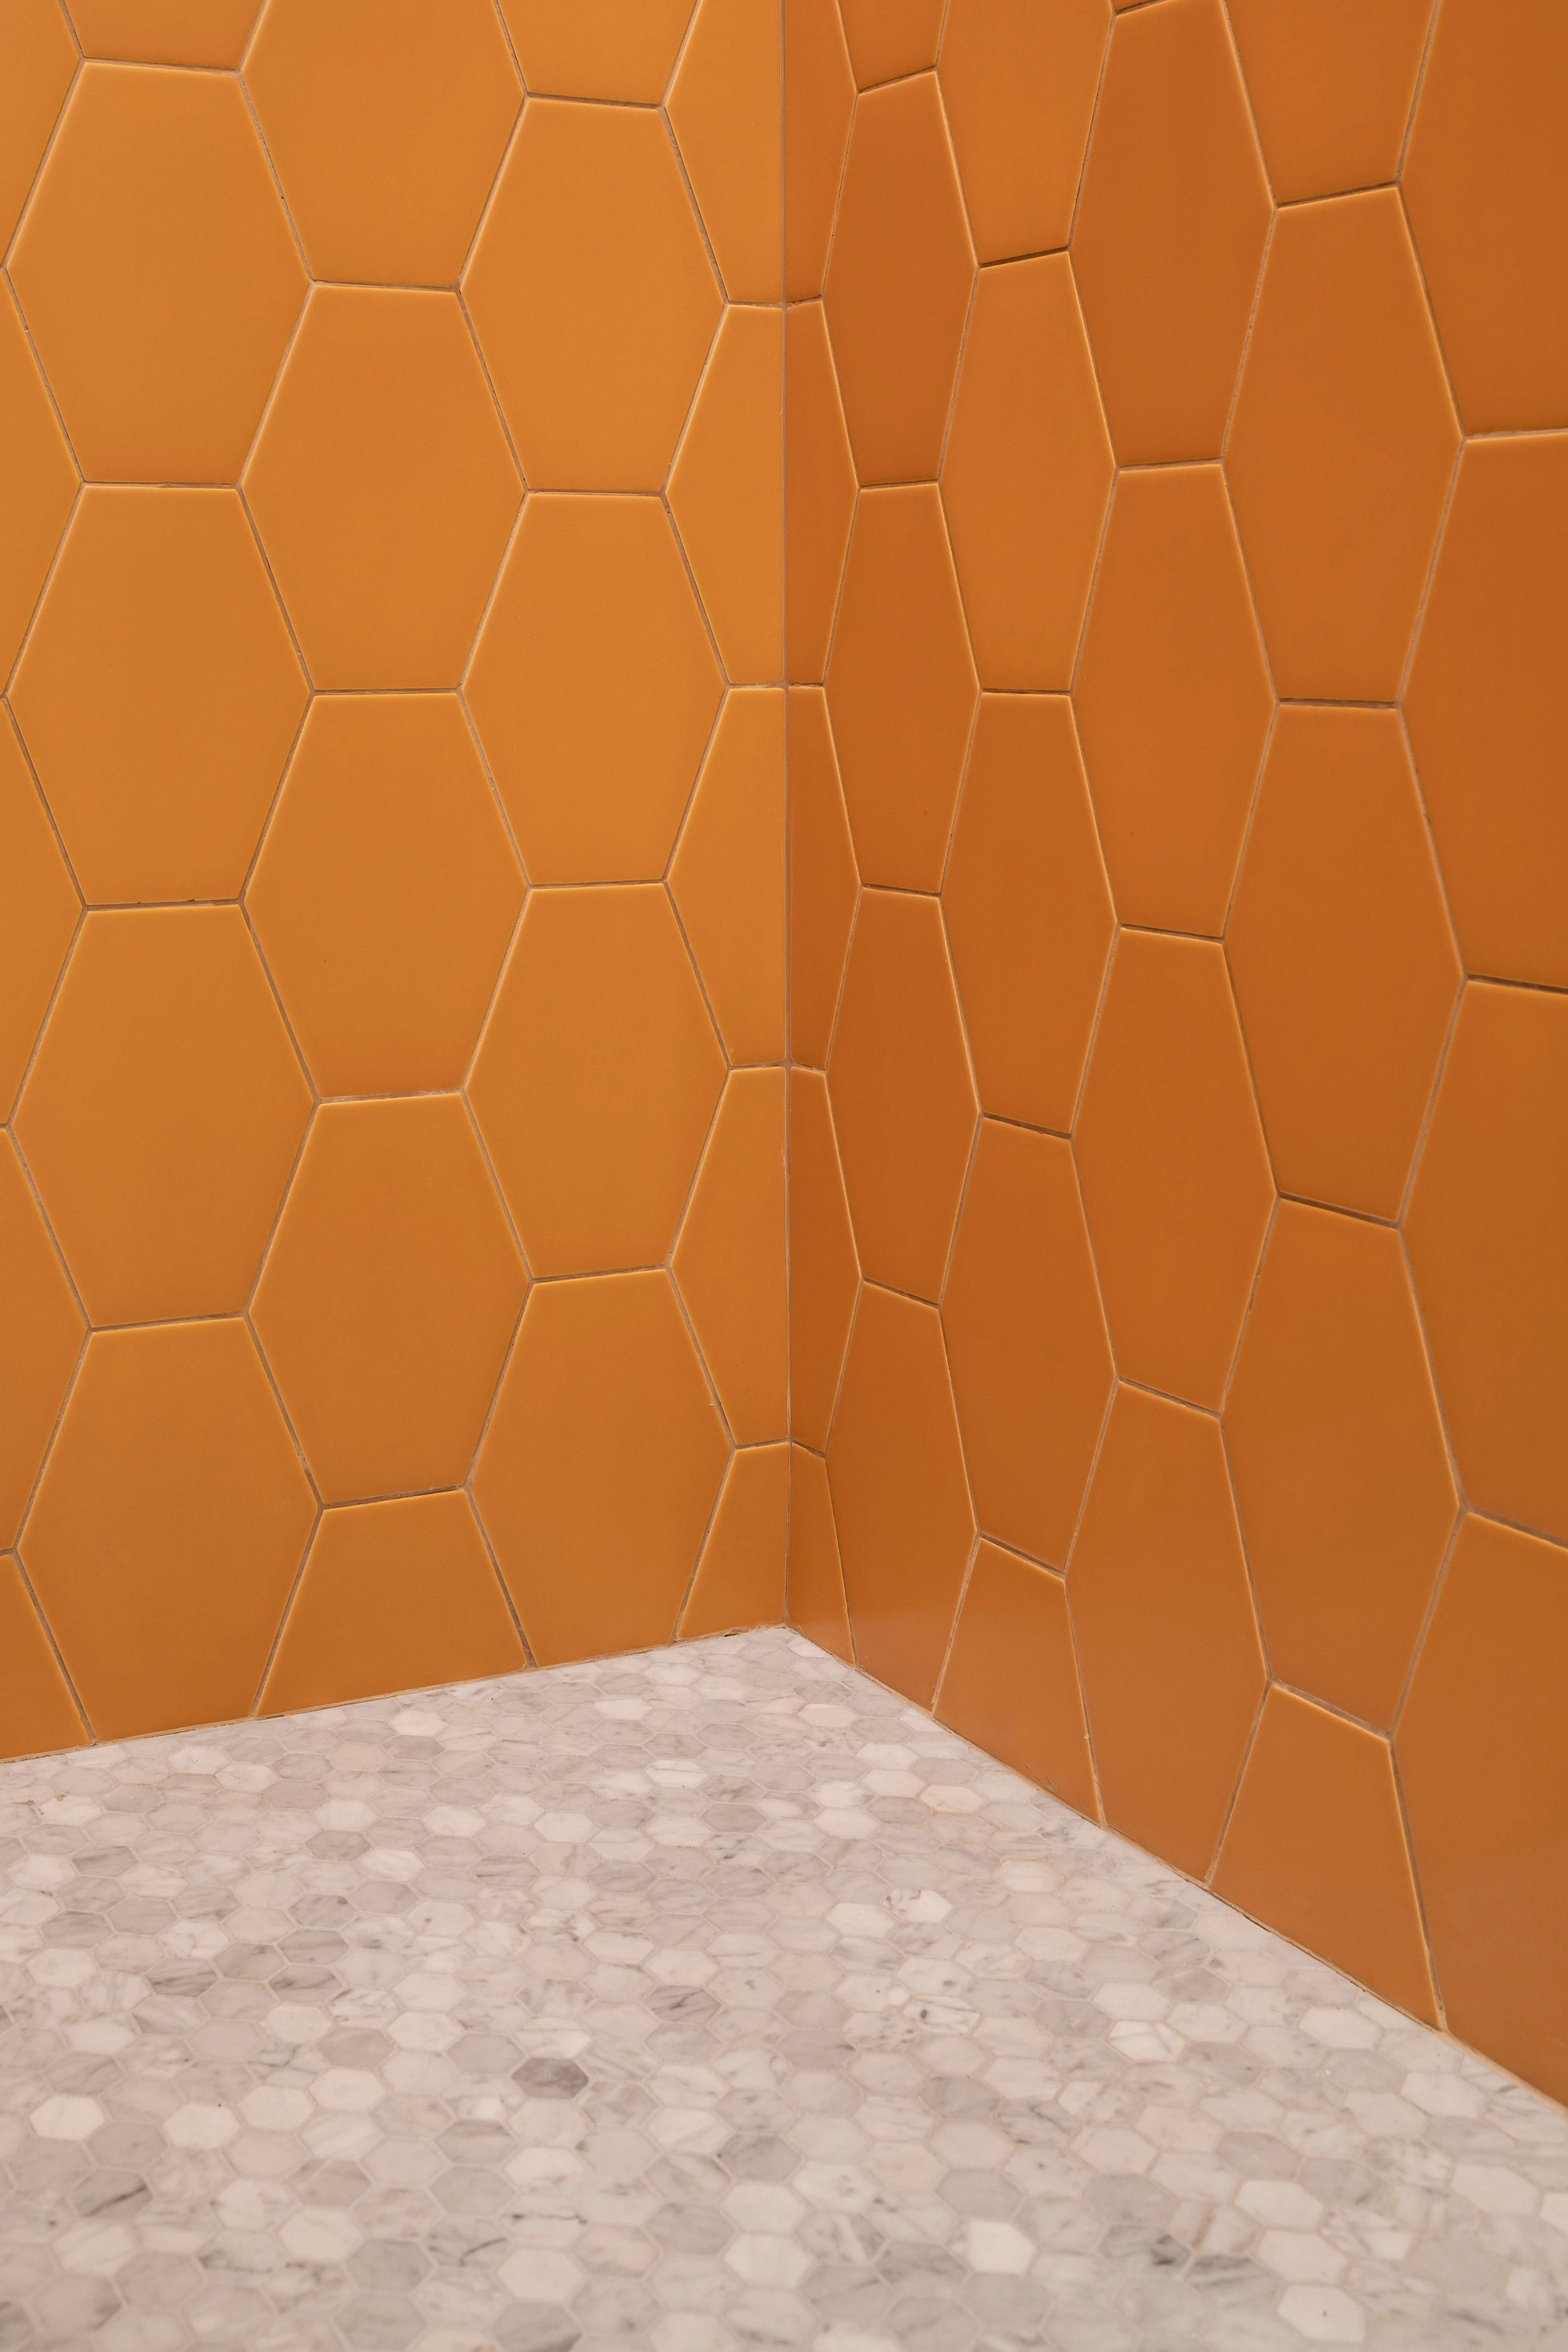 L2_Bed_1_Bath_Detail_2913 (1).jpg